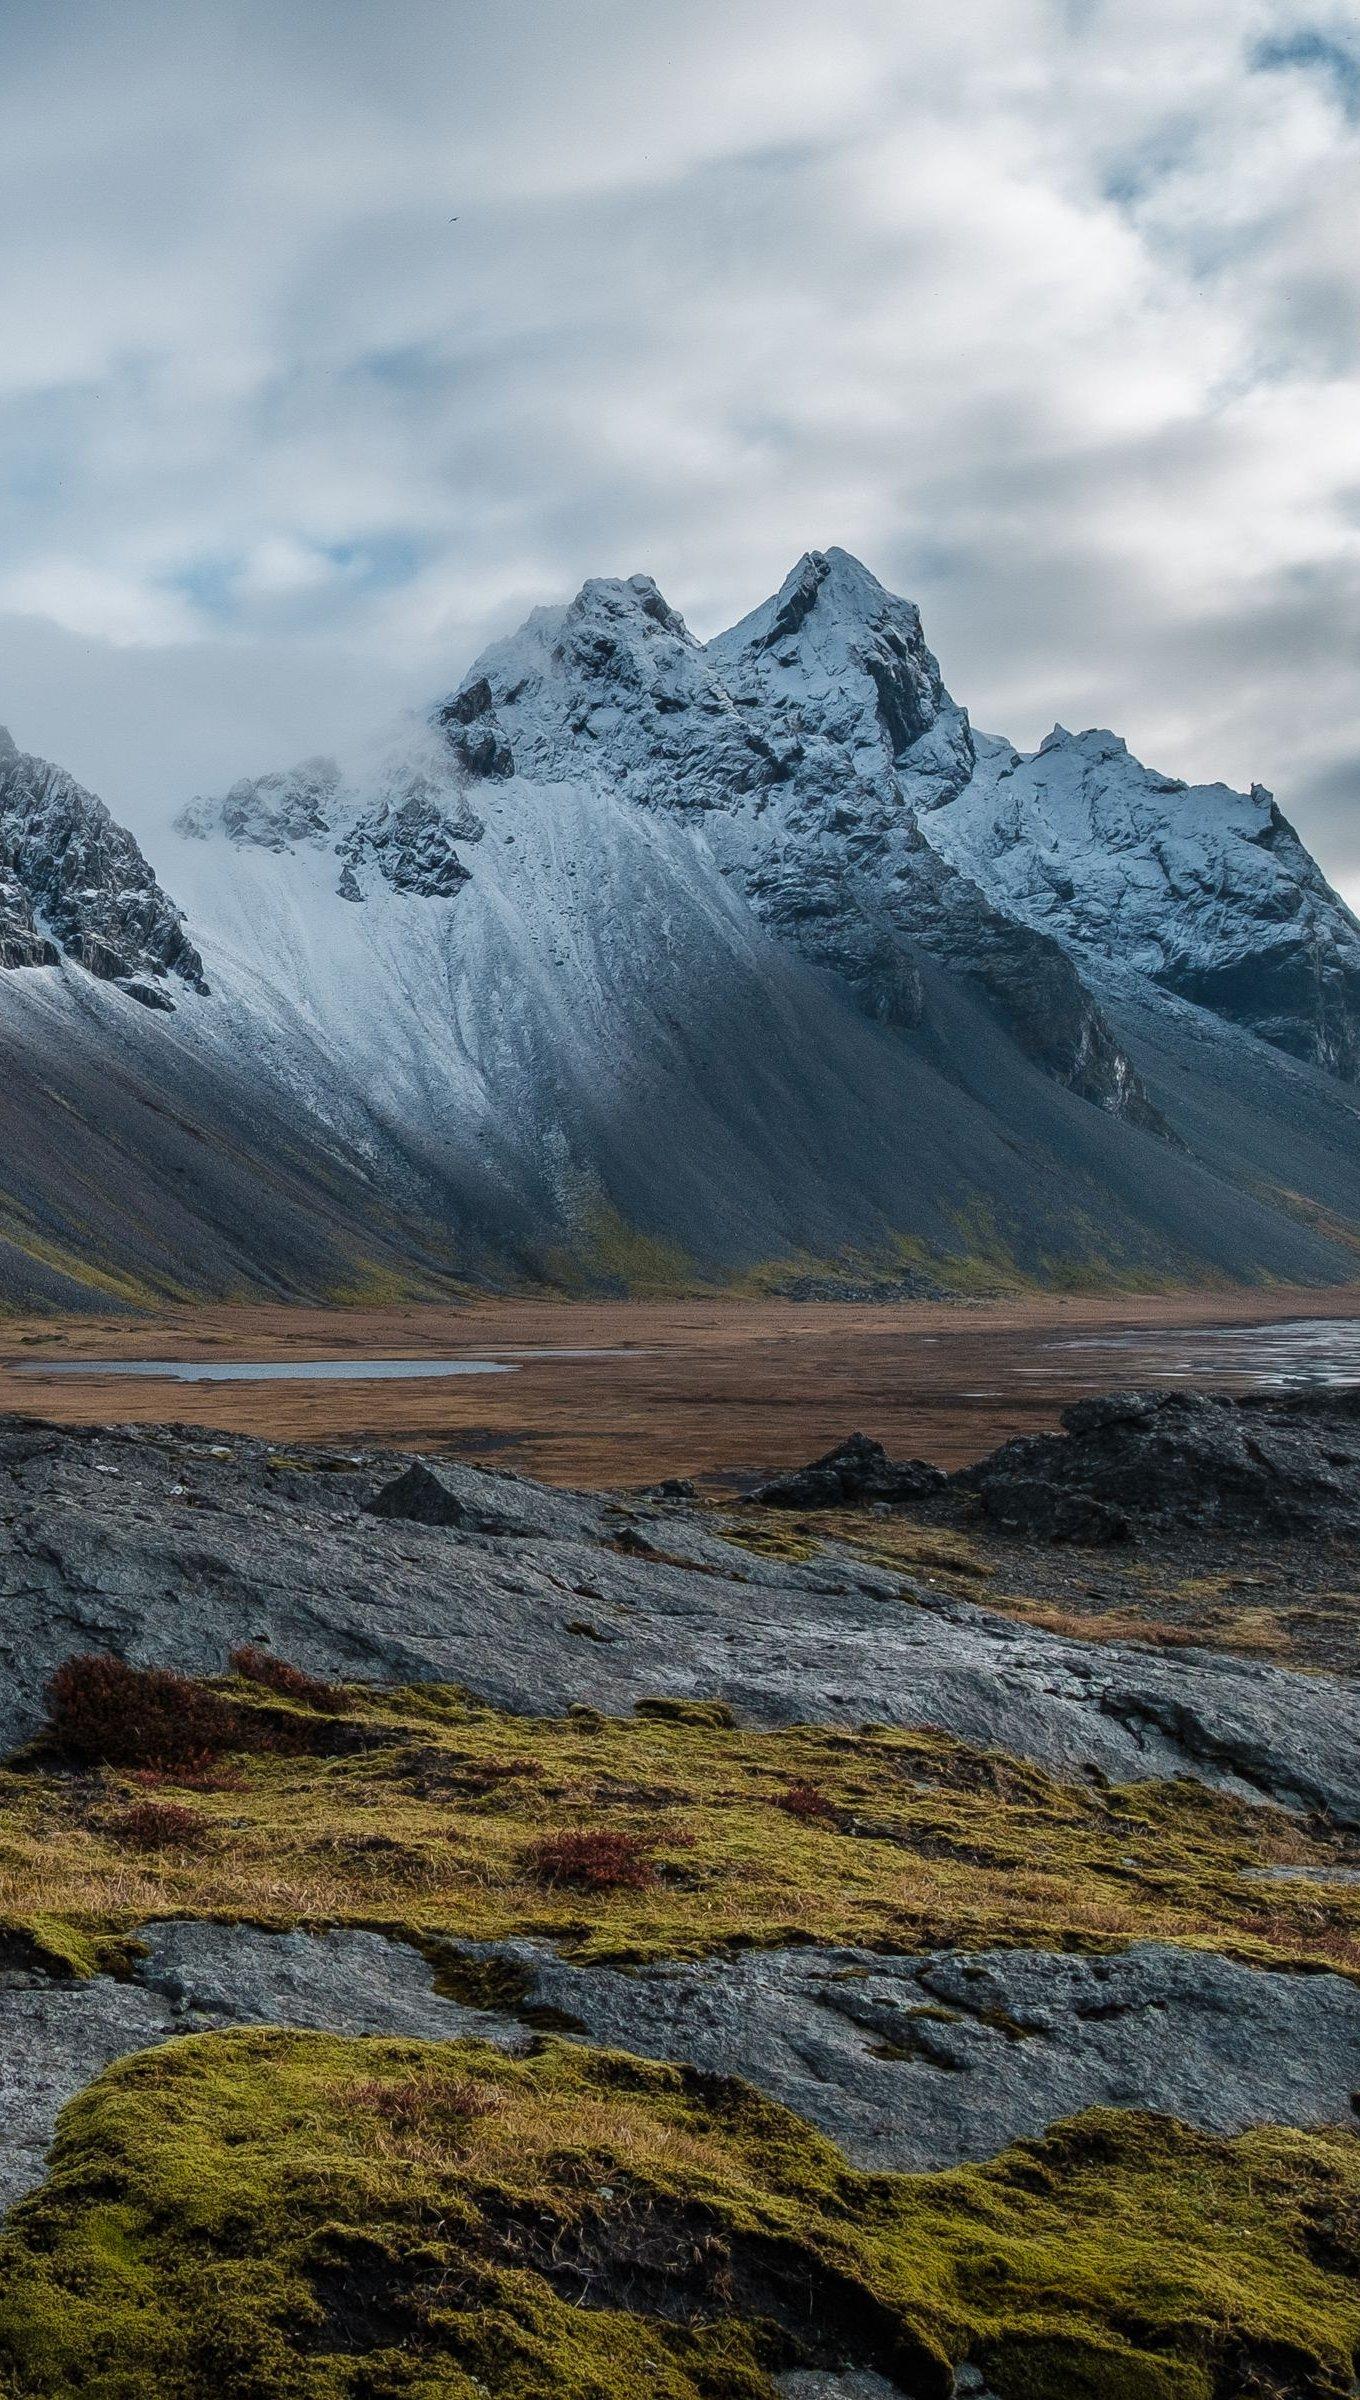 Fondos de pantalla Montañas en paisaje nublado Vertical